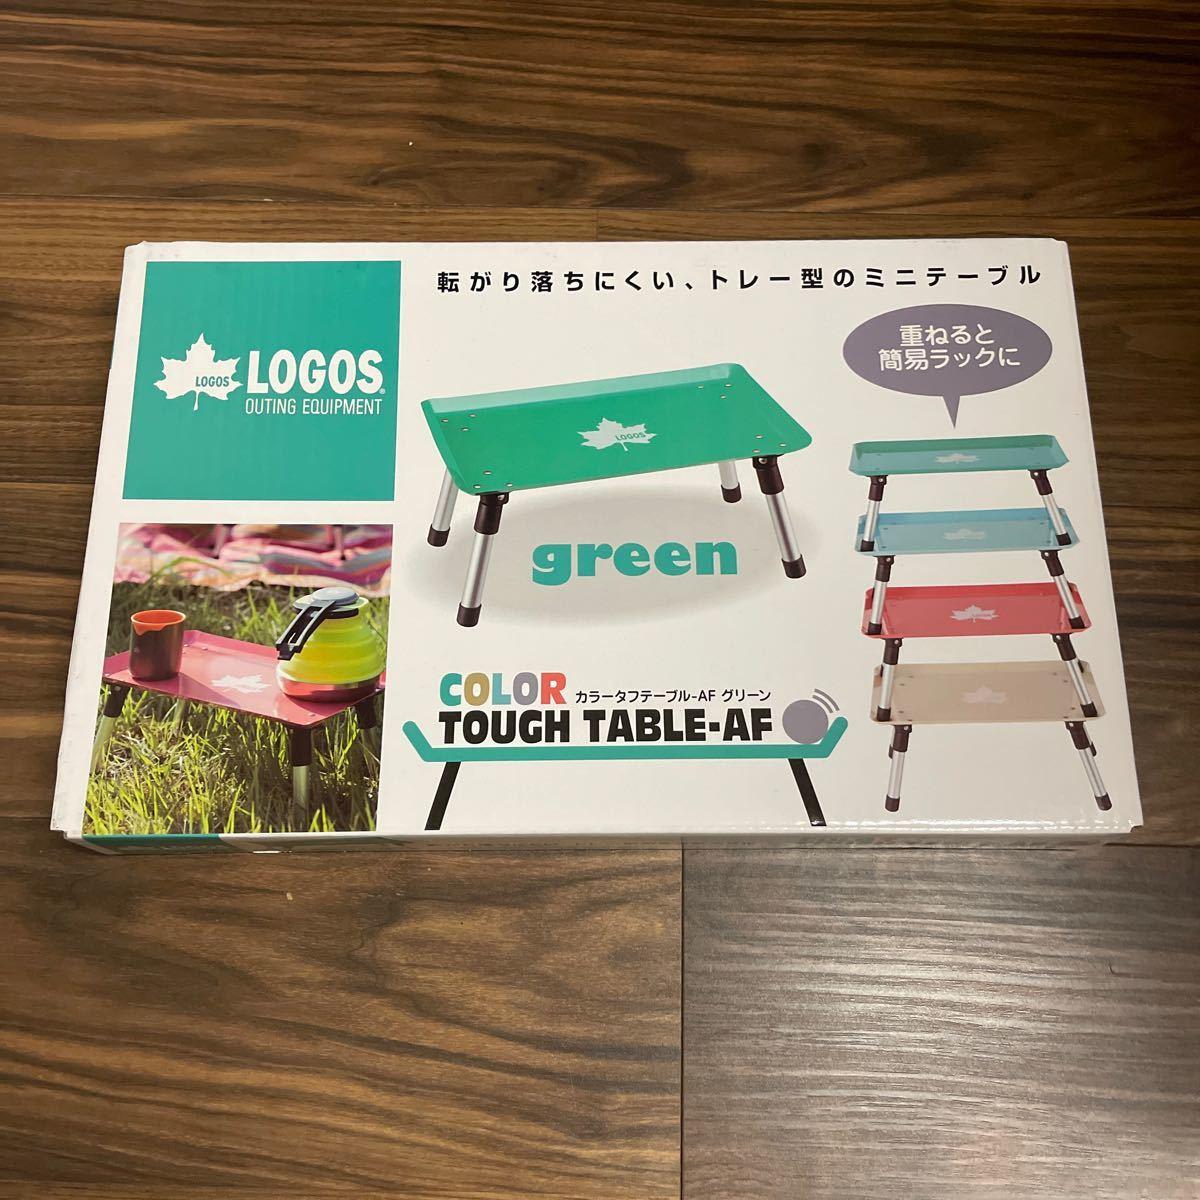 ロゴス ローテーブル キャンプ アウトドア テーブル